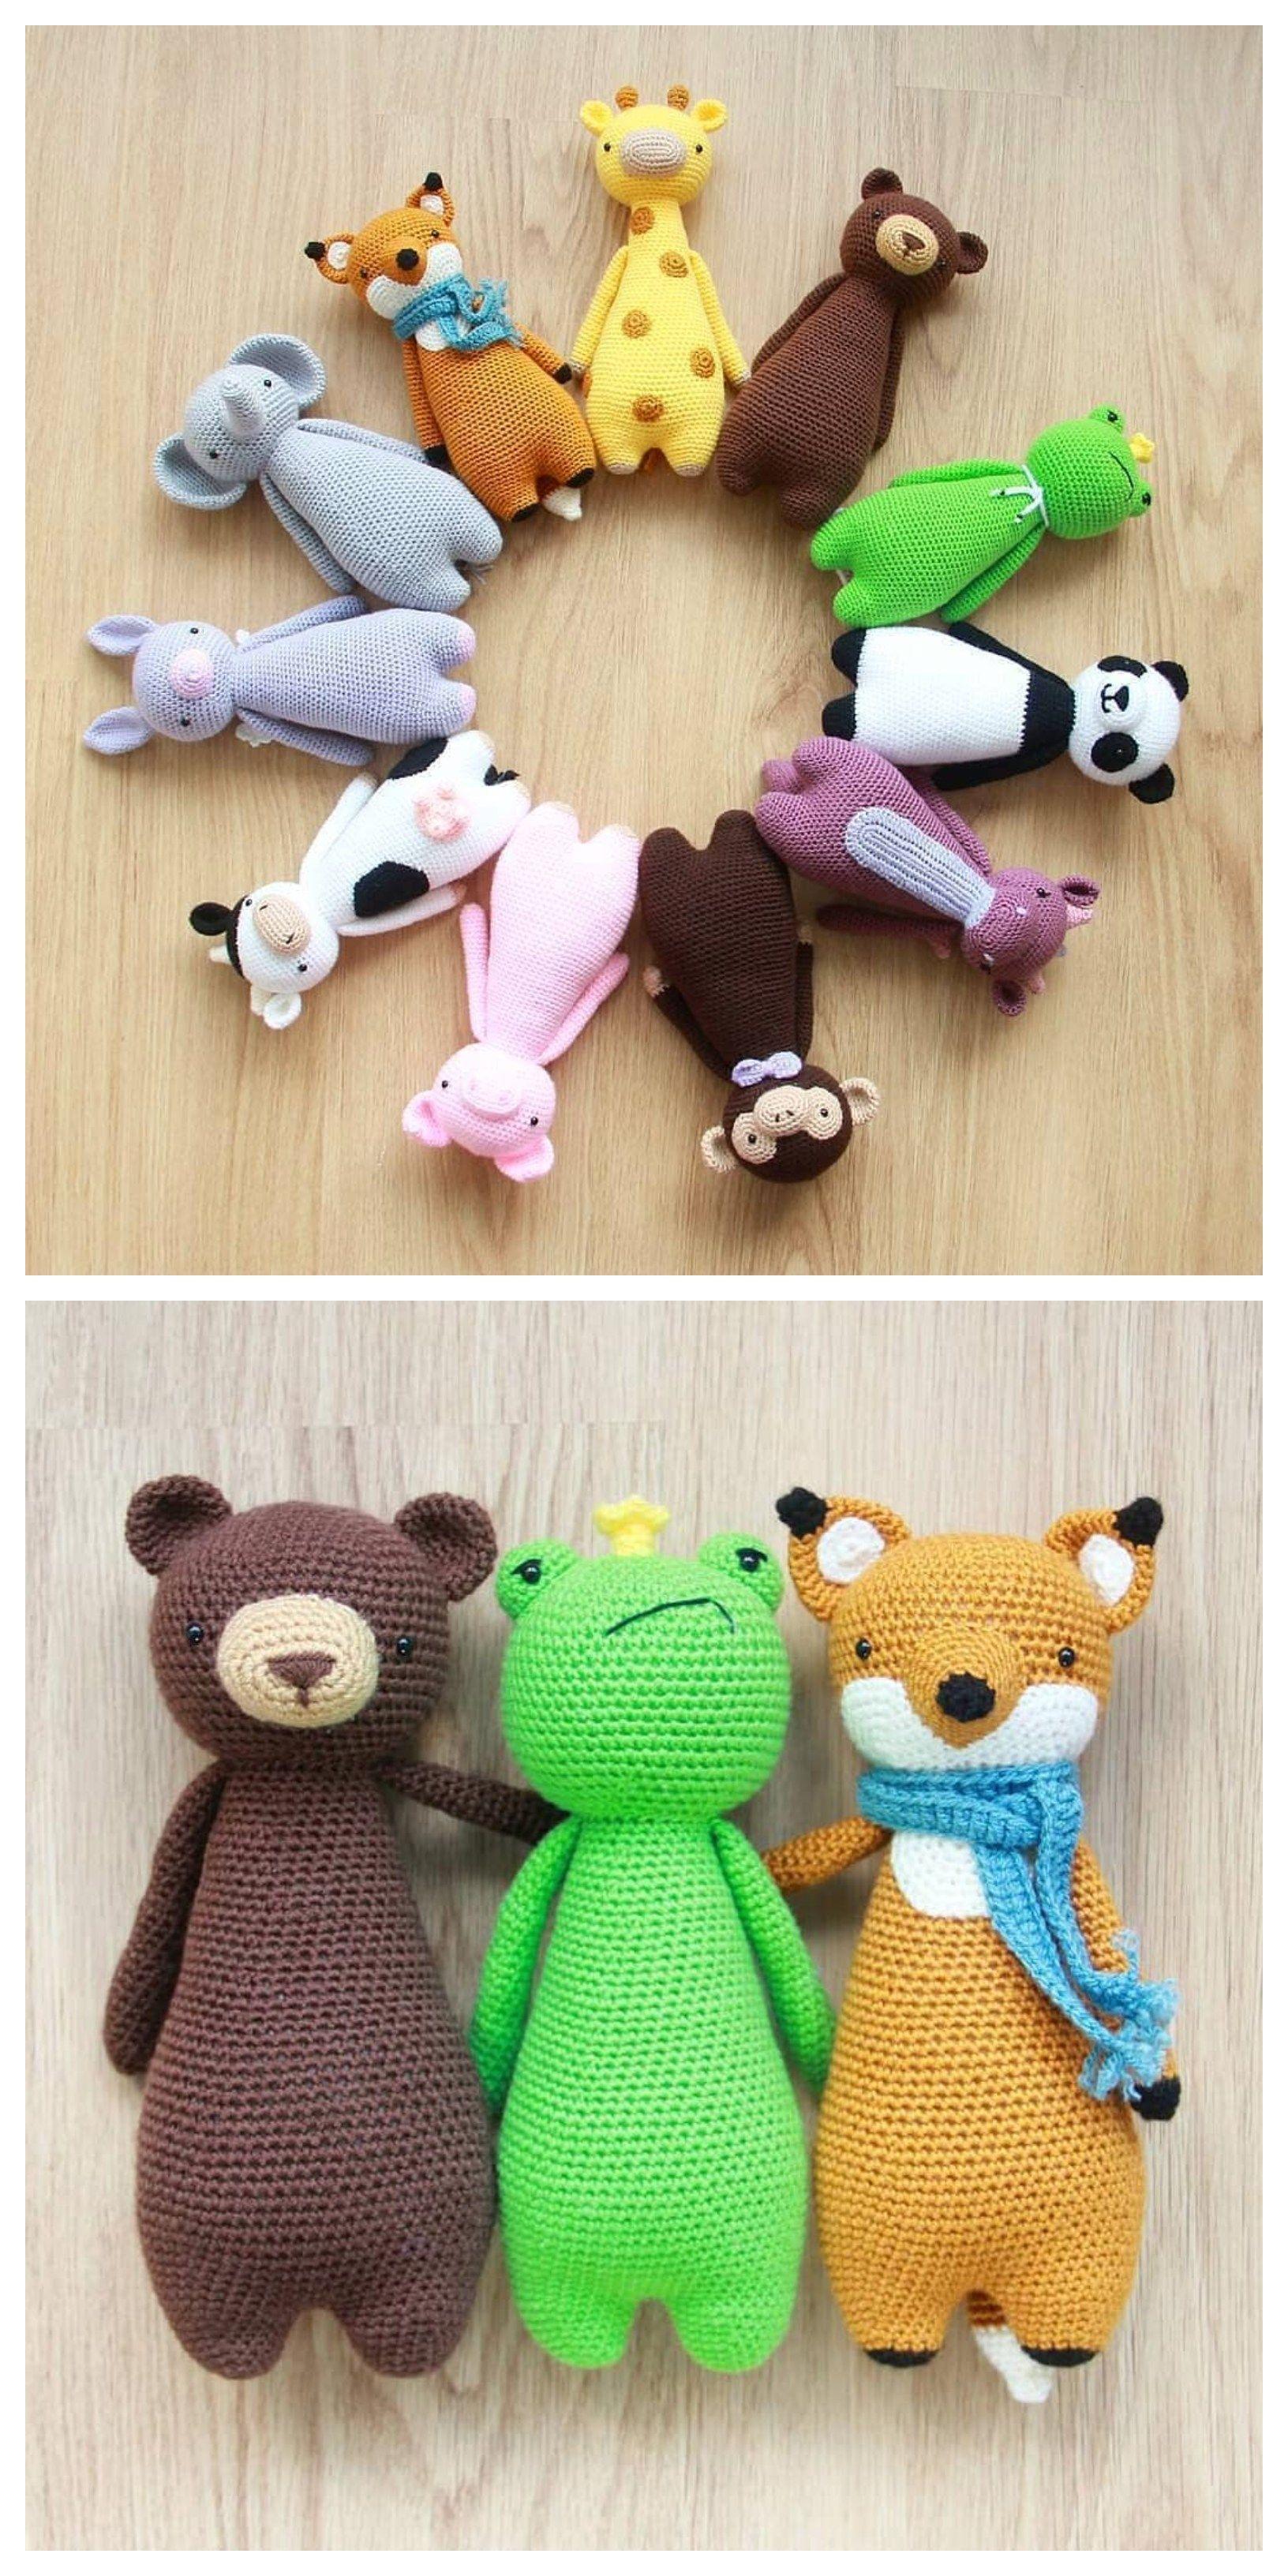 Crochet patterns by Little Bear Crochets #crochetbearpatterns